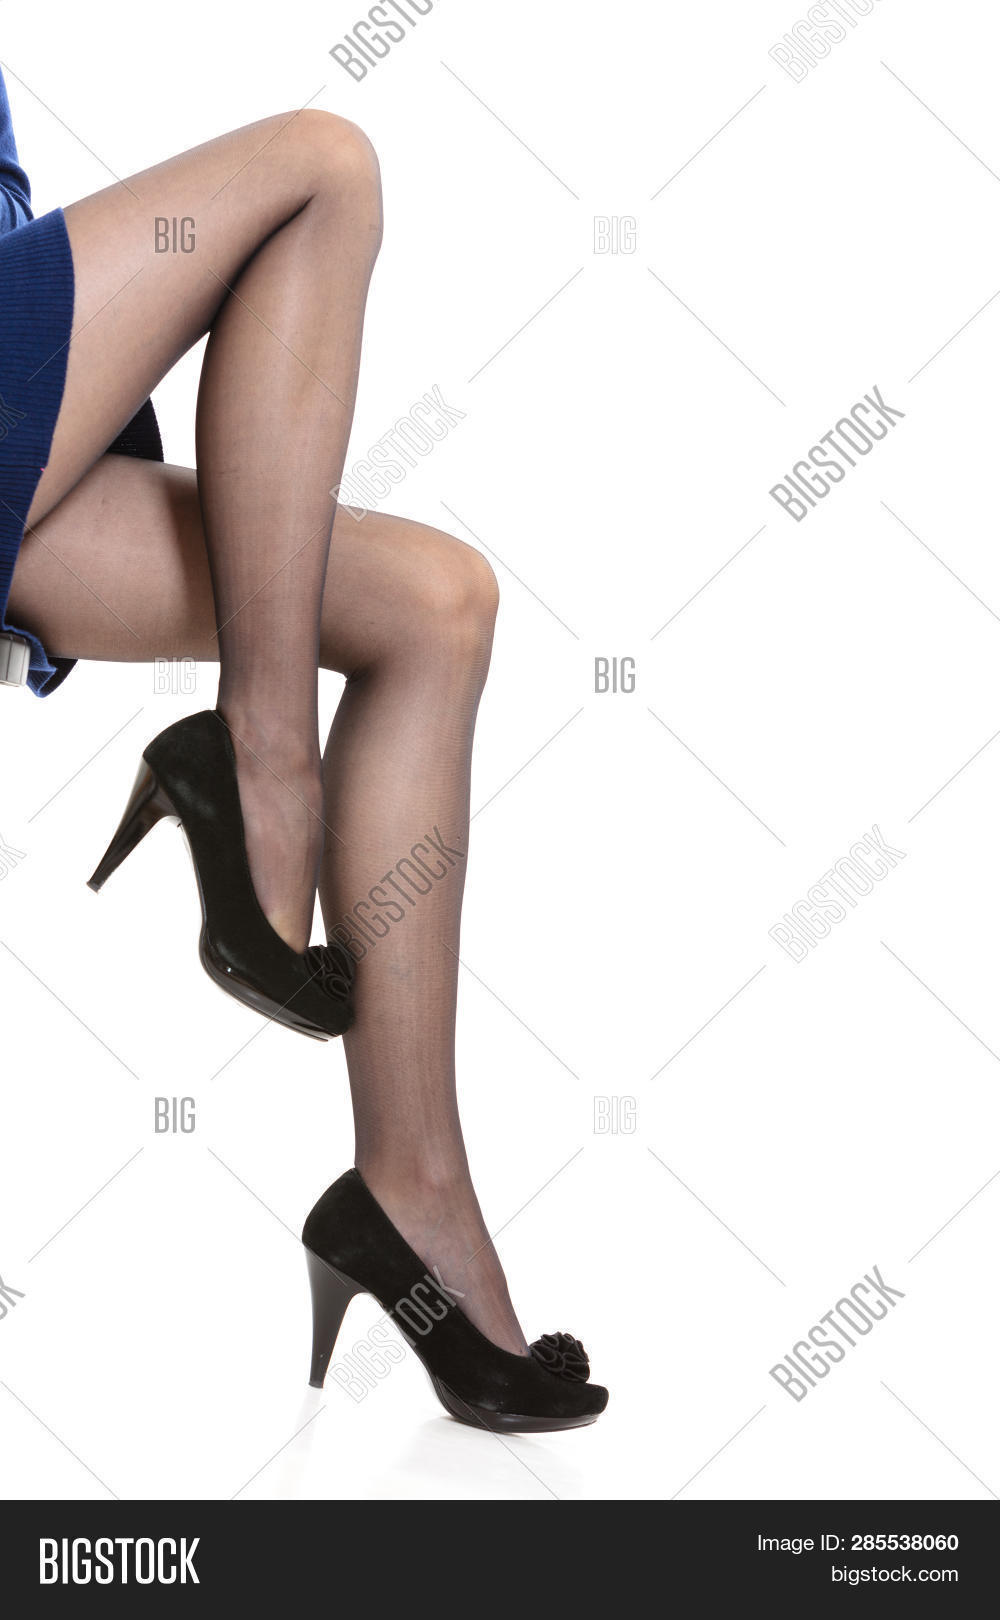 Nigerian girls big tits porn pics